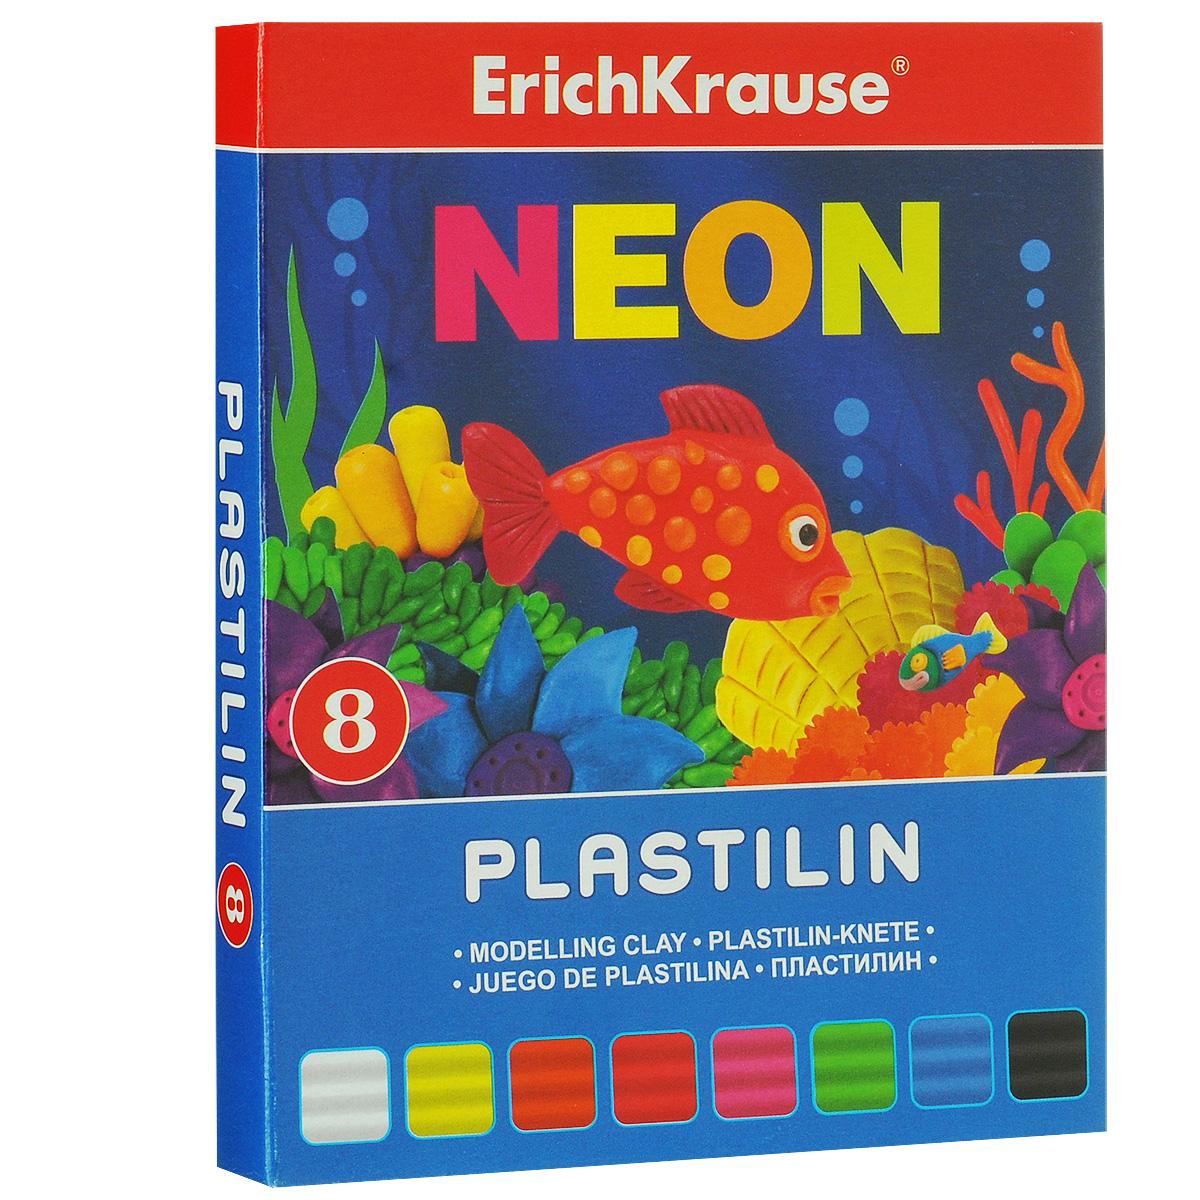 Пластилин Erich Krause Neon, 8 цветов72523WDПластилин Neon- это отличная возможность познакомить ребенка с еще одним из видов изобразительного творчества, в котором создаются объемные образы и целые композиции. В набор входит пластилин 8 ярких цветов (белый, желтый, оранжевый, красный, розовый, зеленый, голубой, черный). Цвета пластилина легко смешиваются между собой, и таким образом можно получить новые оттенки. Он имеет яркие, красочные цвета.Техника лепки богата и разнообразна, но при этом доступна даже маленьким детям. Занятие лепкой не только увлекательно, но и полезно для ребенка. Оно способствует развитию творческого и пространственного мышления, восприятия формы, фактуры, цвета и веса, развивает воображение и мелкую моторику.